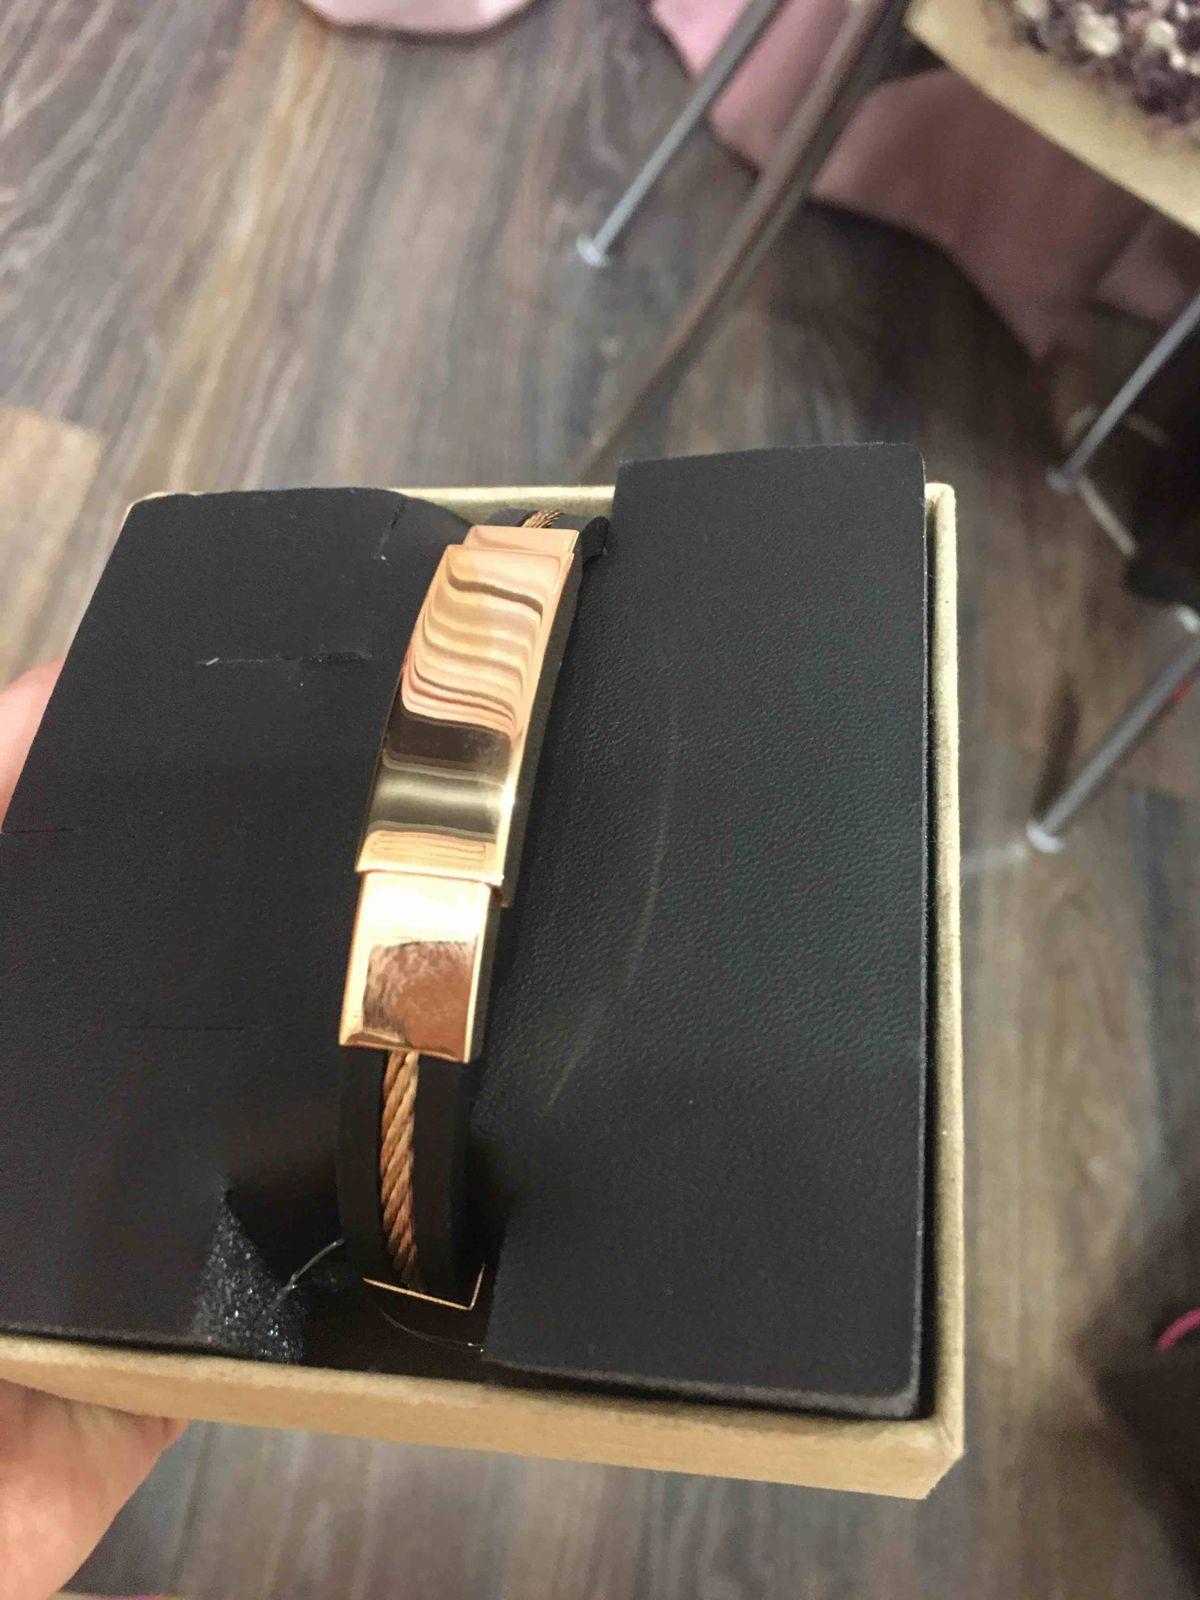 Стильный браслет. Выглядит очень дорого-богато. Отличный подарок мужчине)))